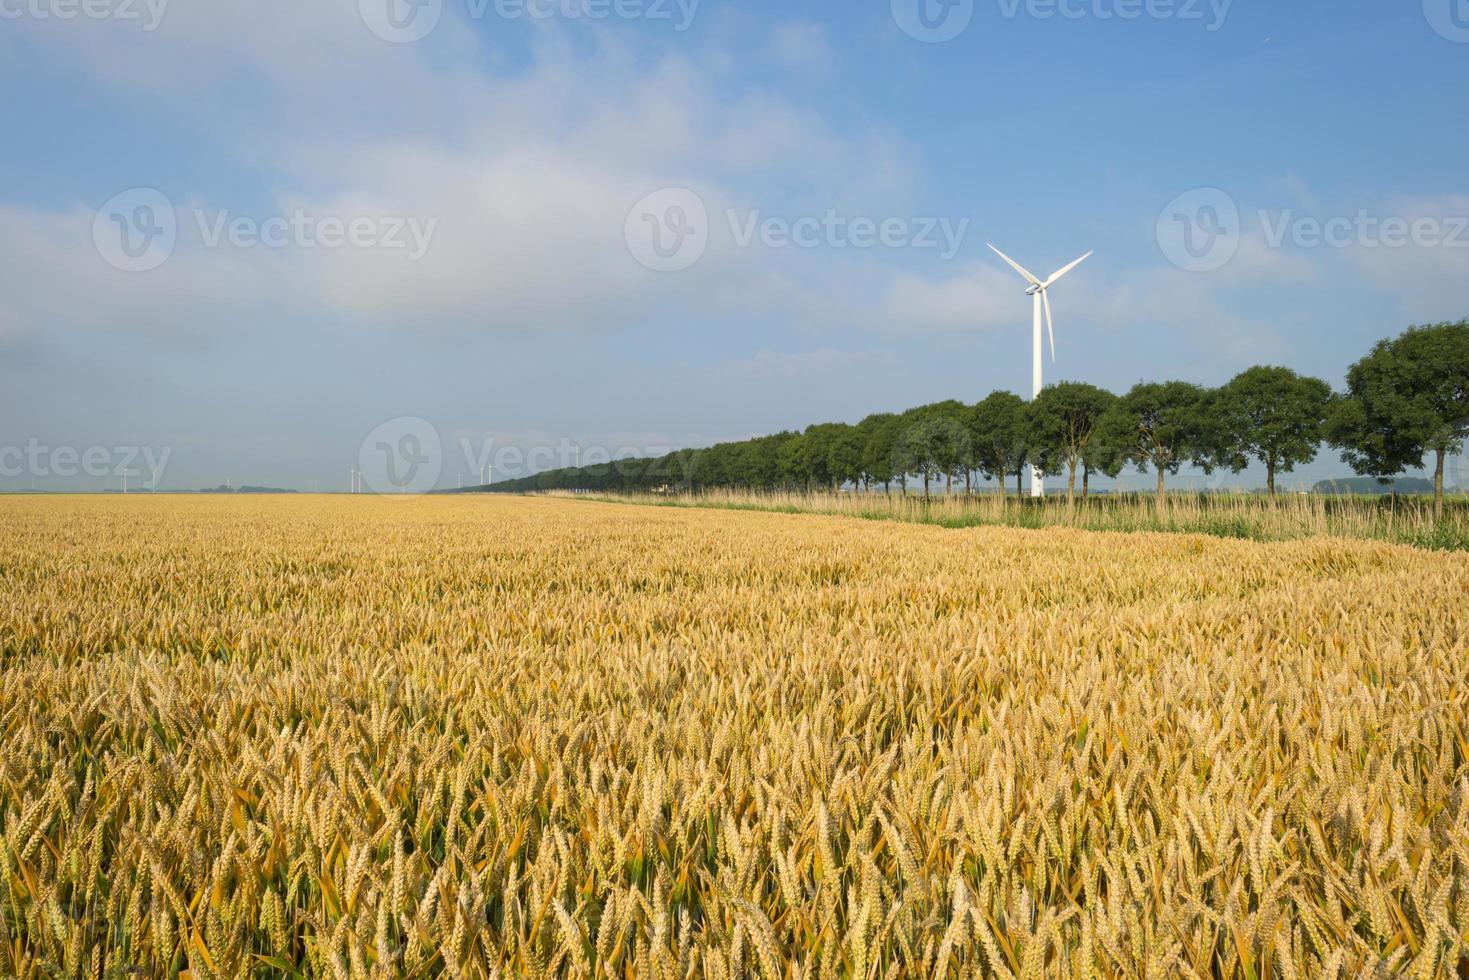 Mais wächst auf einem Feld im Sommer foto